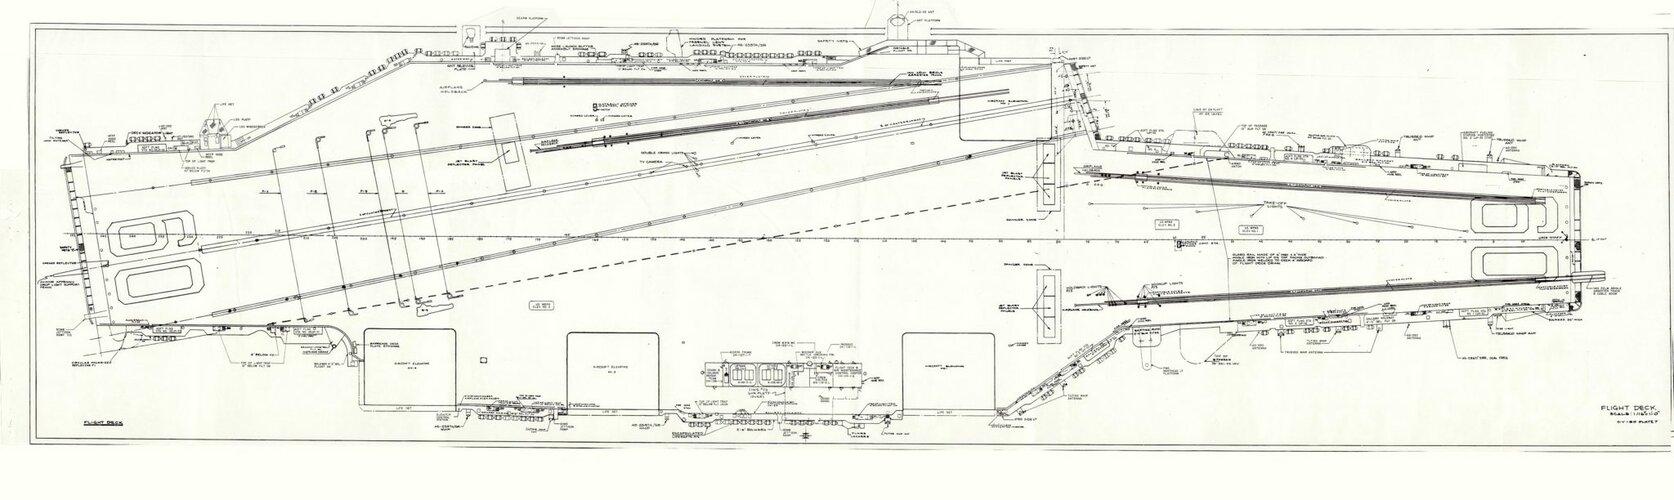 CV-60_Flight_Deck Top View.jpg